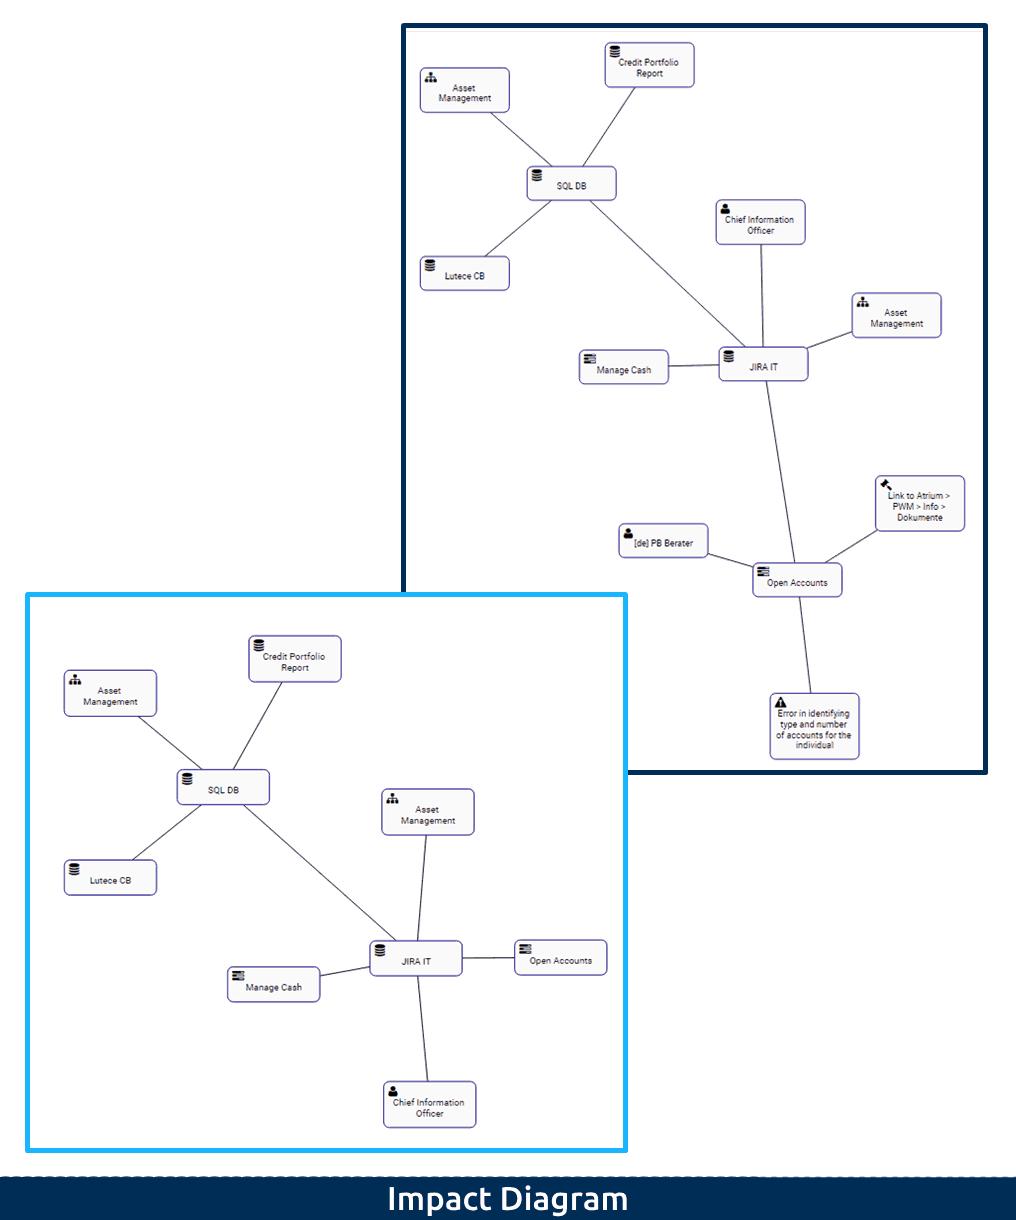 1-1 Impact Diagram